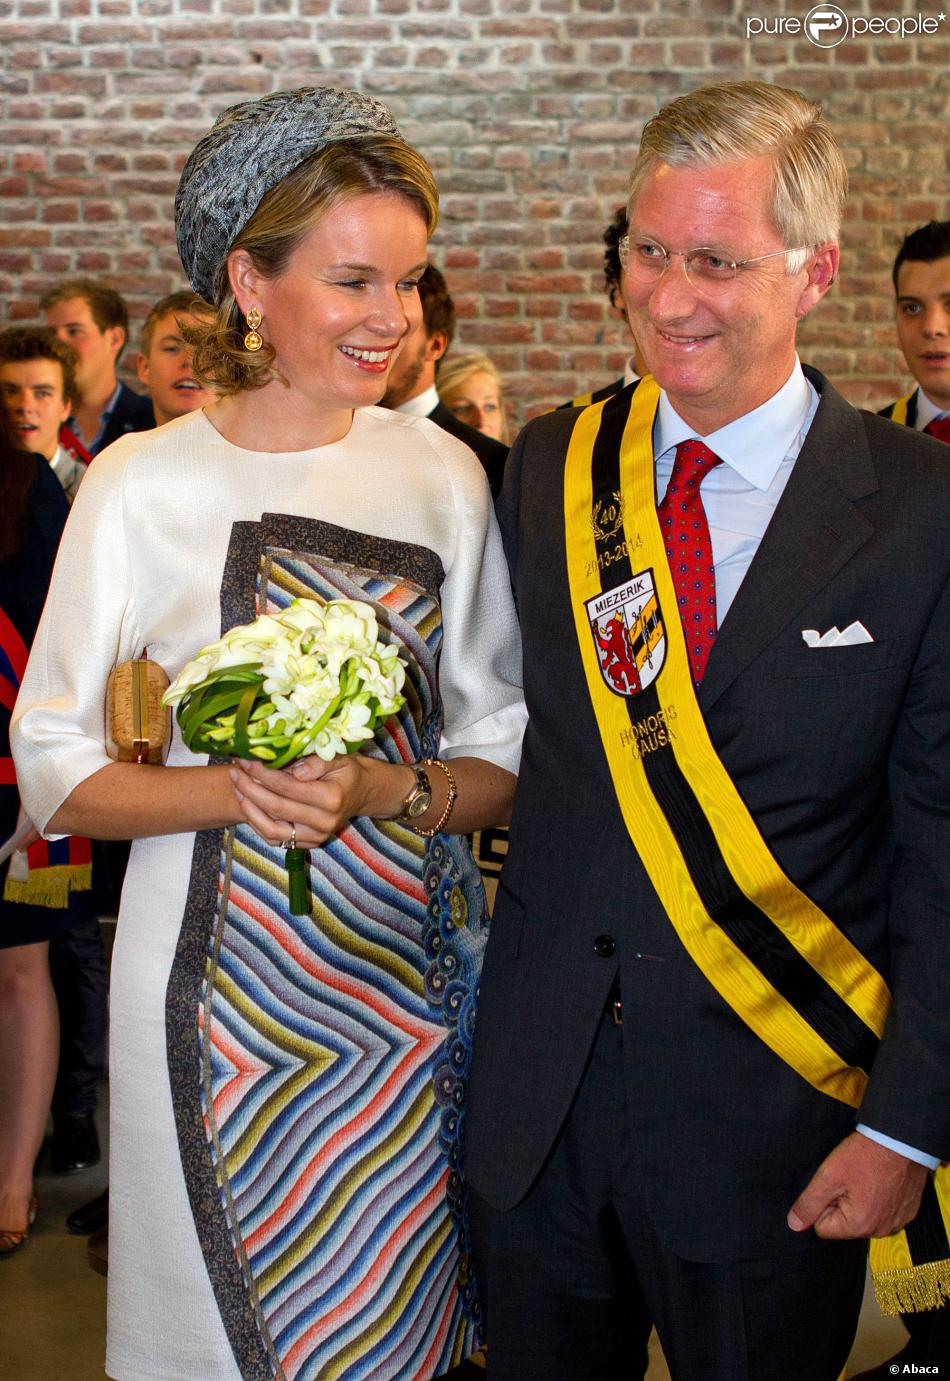 Le roi Philippe et sa femme la reine Mathilde de Belgique à Hasselt le 24 septembre 2013 dans le cadre de leur tournée inaugurale ''Joyeuses entrées''